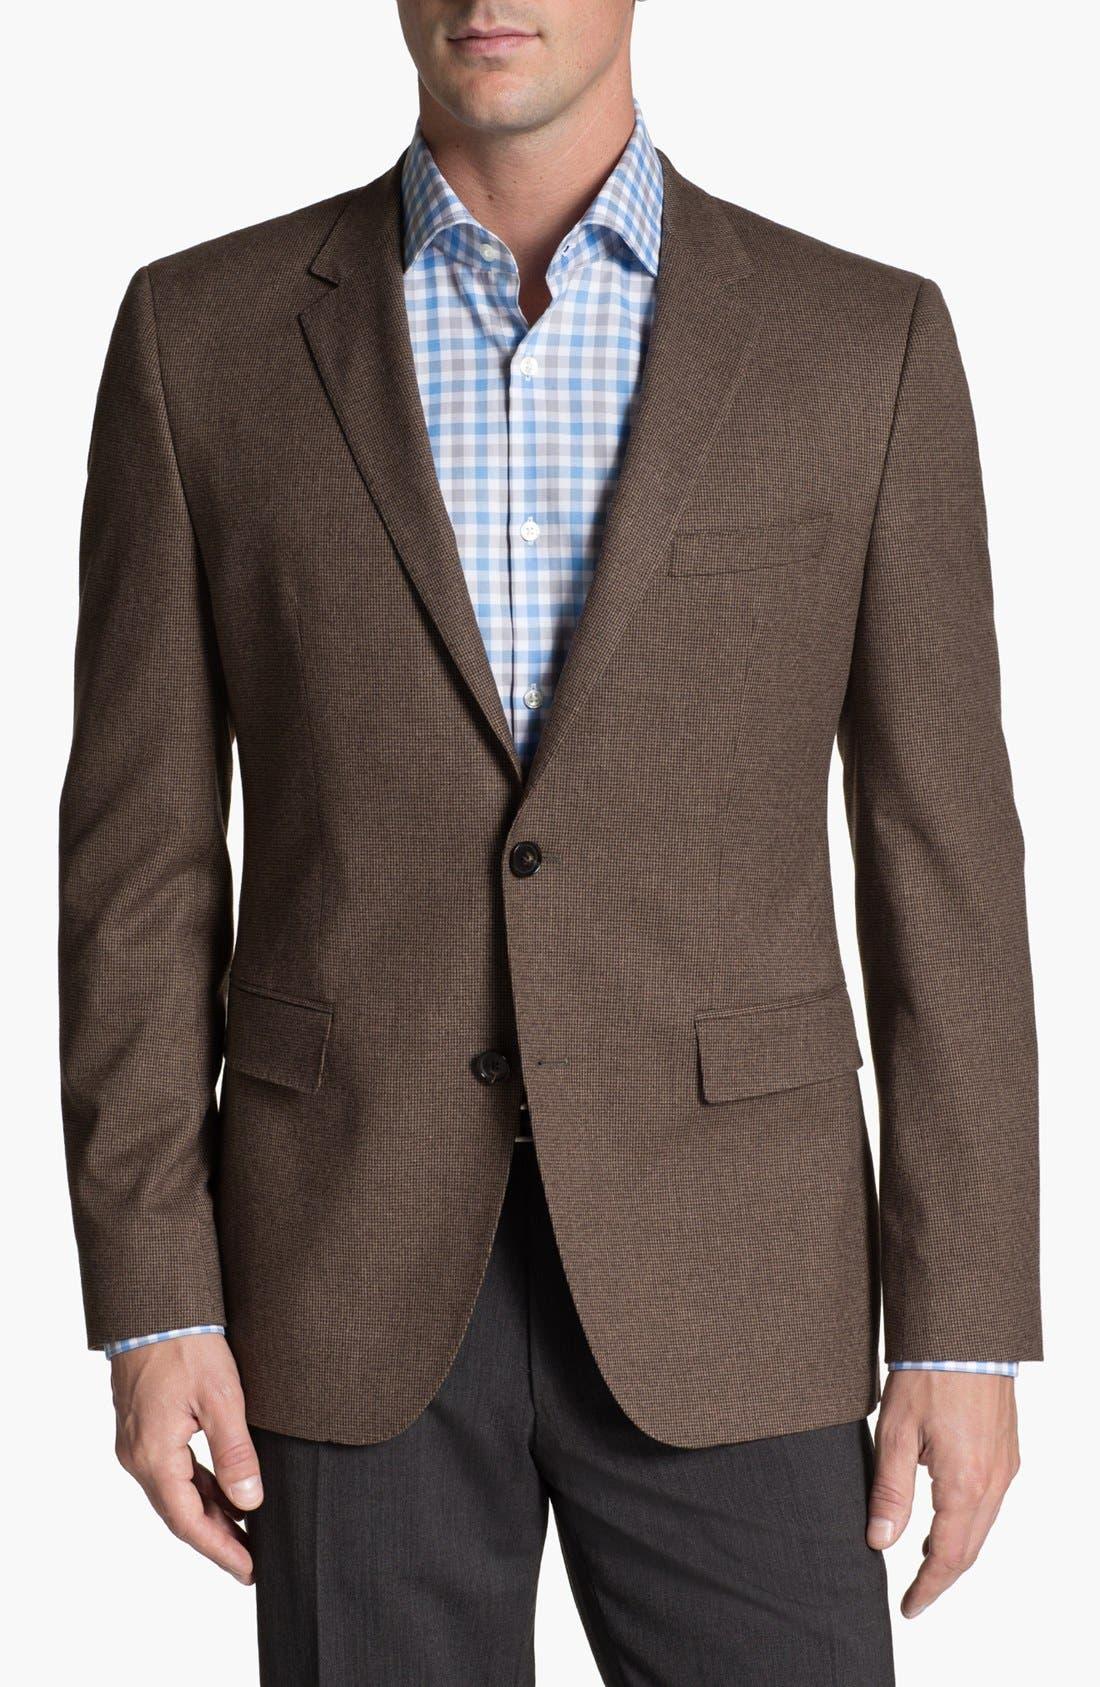 Main Image - BOSS HUGO BOSS 'Coastes' Sportcoat